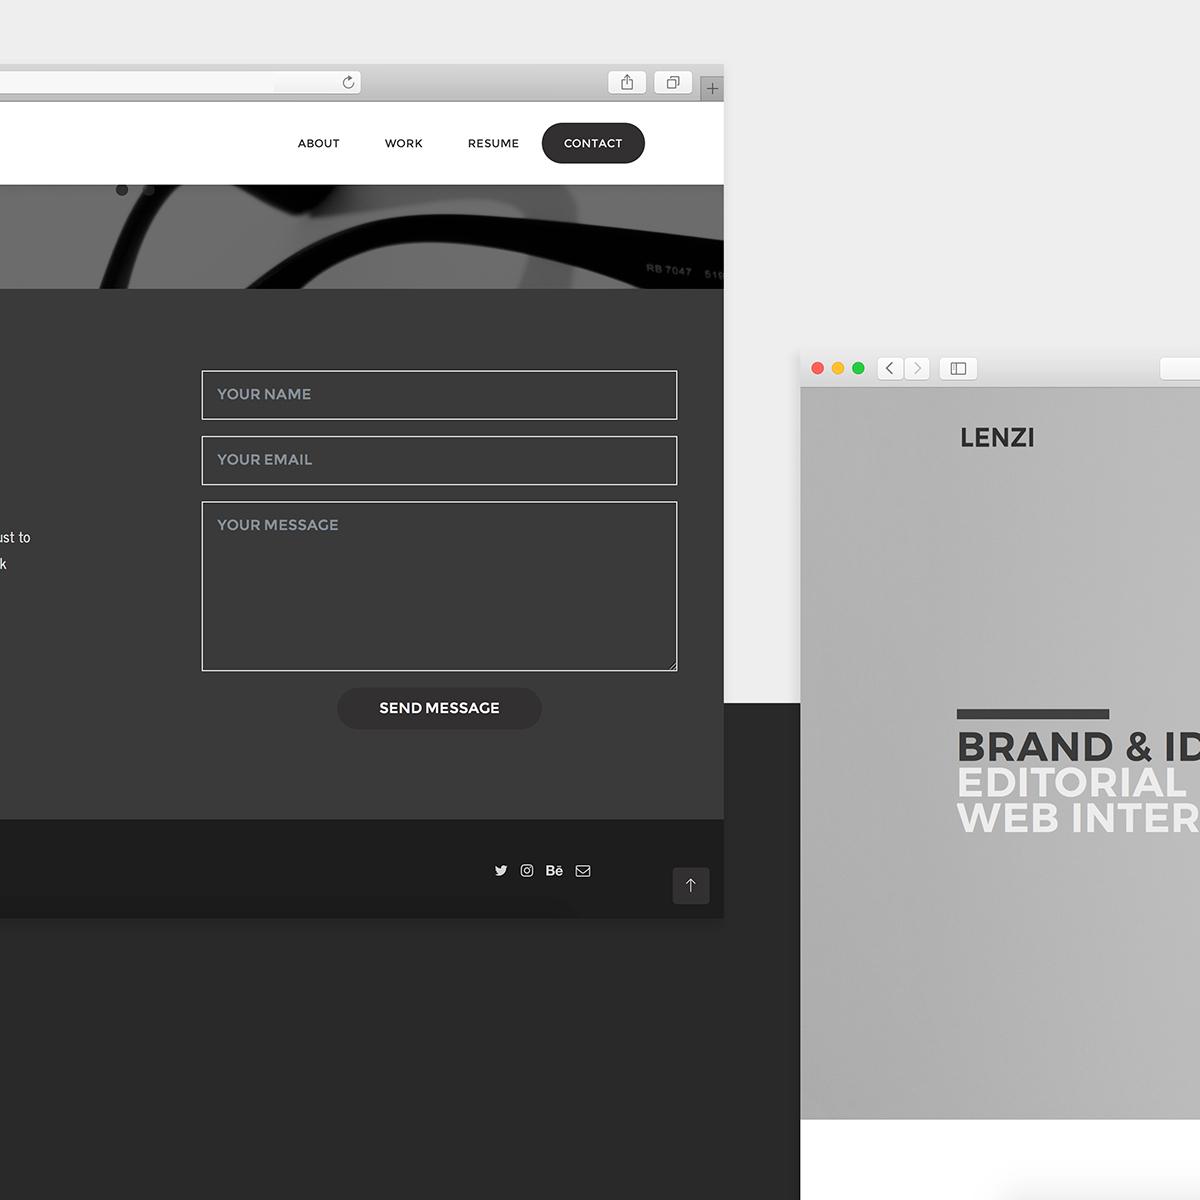 portfolio site portfolio site graphic design portfolio Website code Graphic Designer